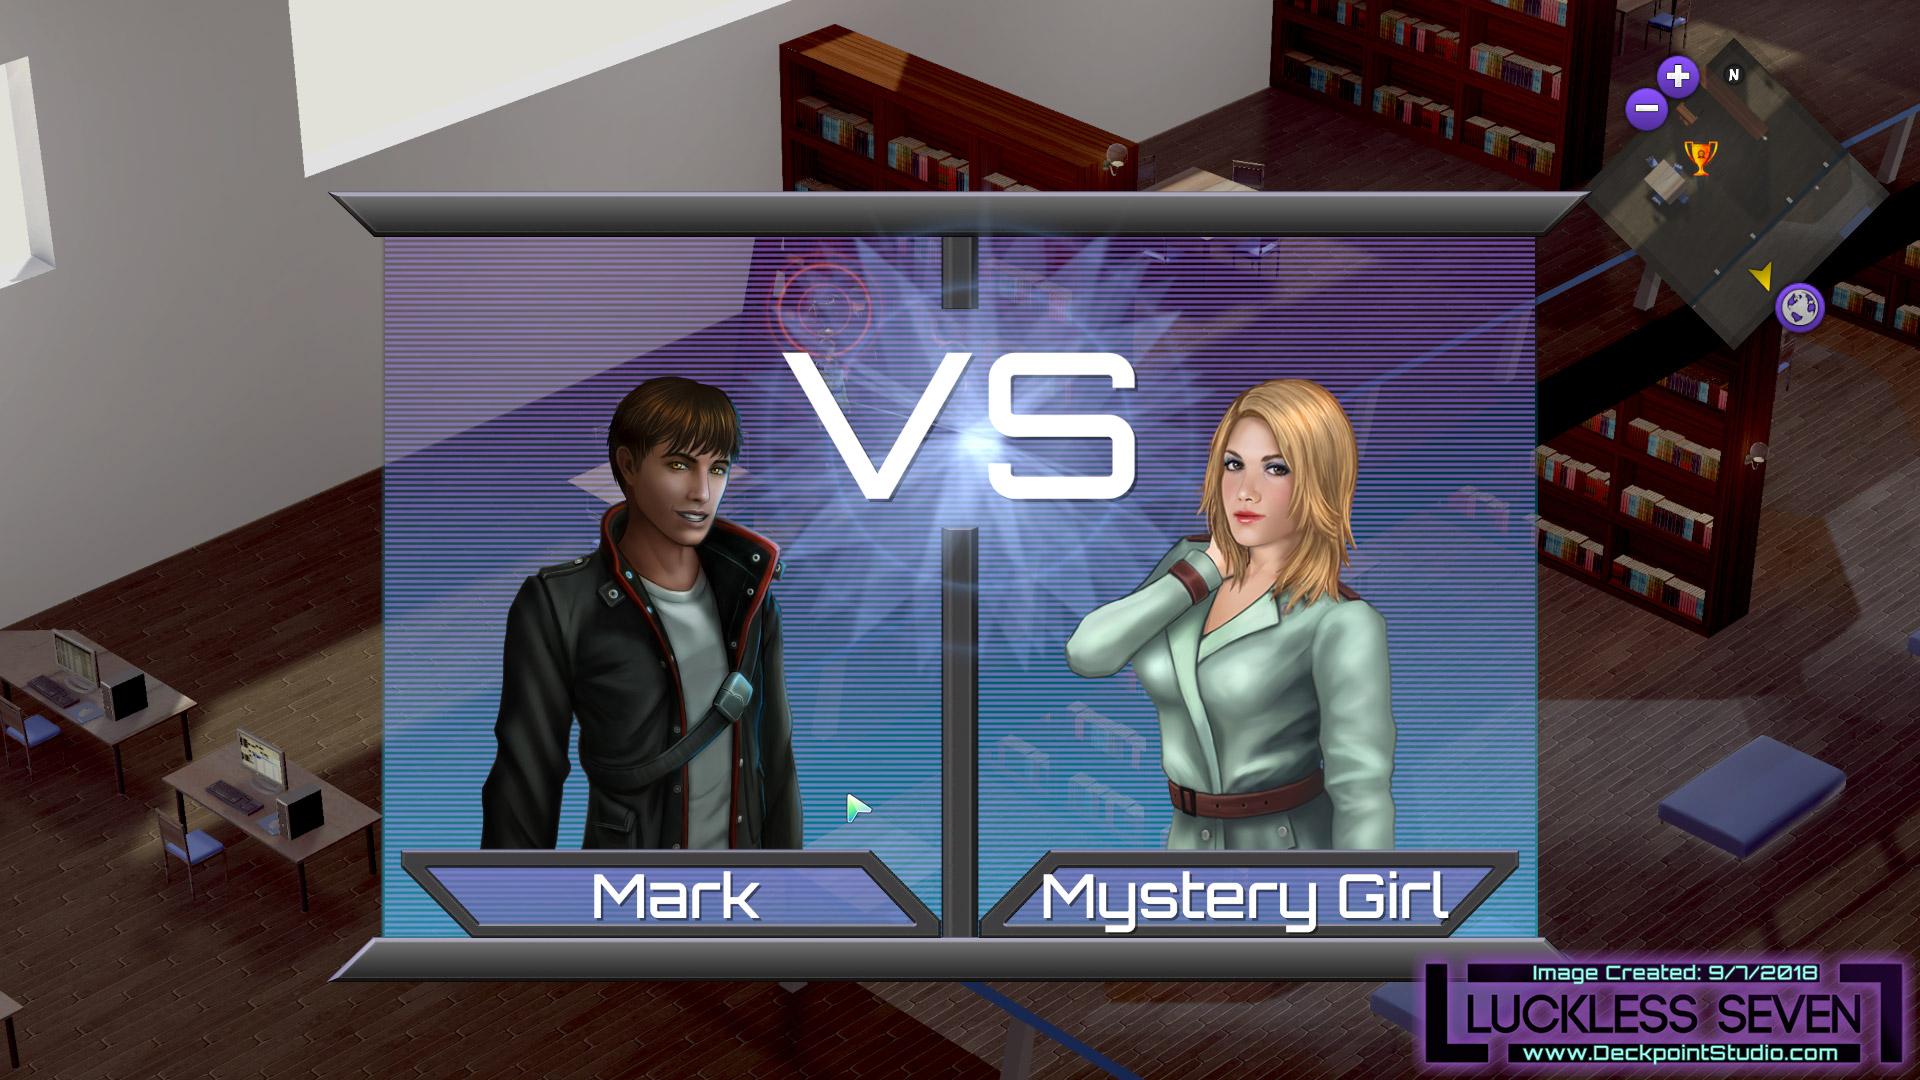 Versus screen Luckless Seven 2